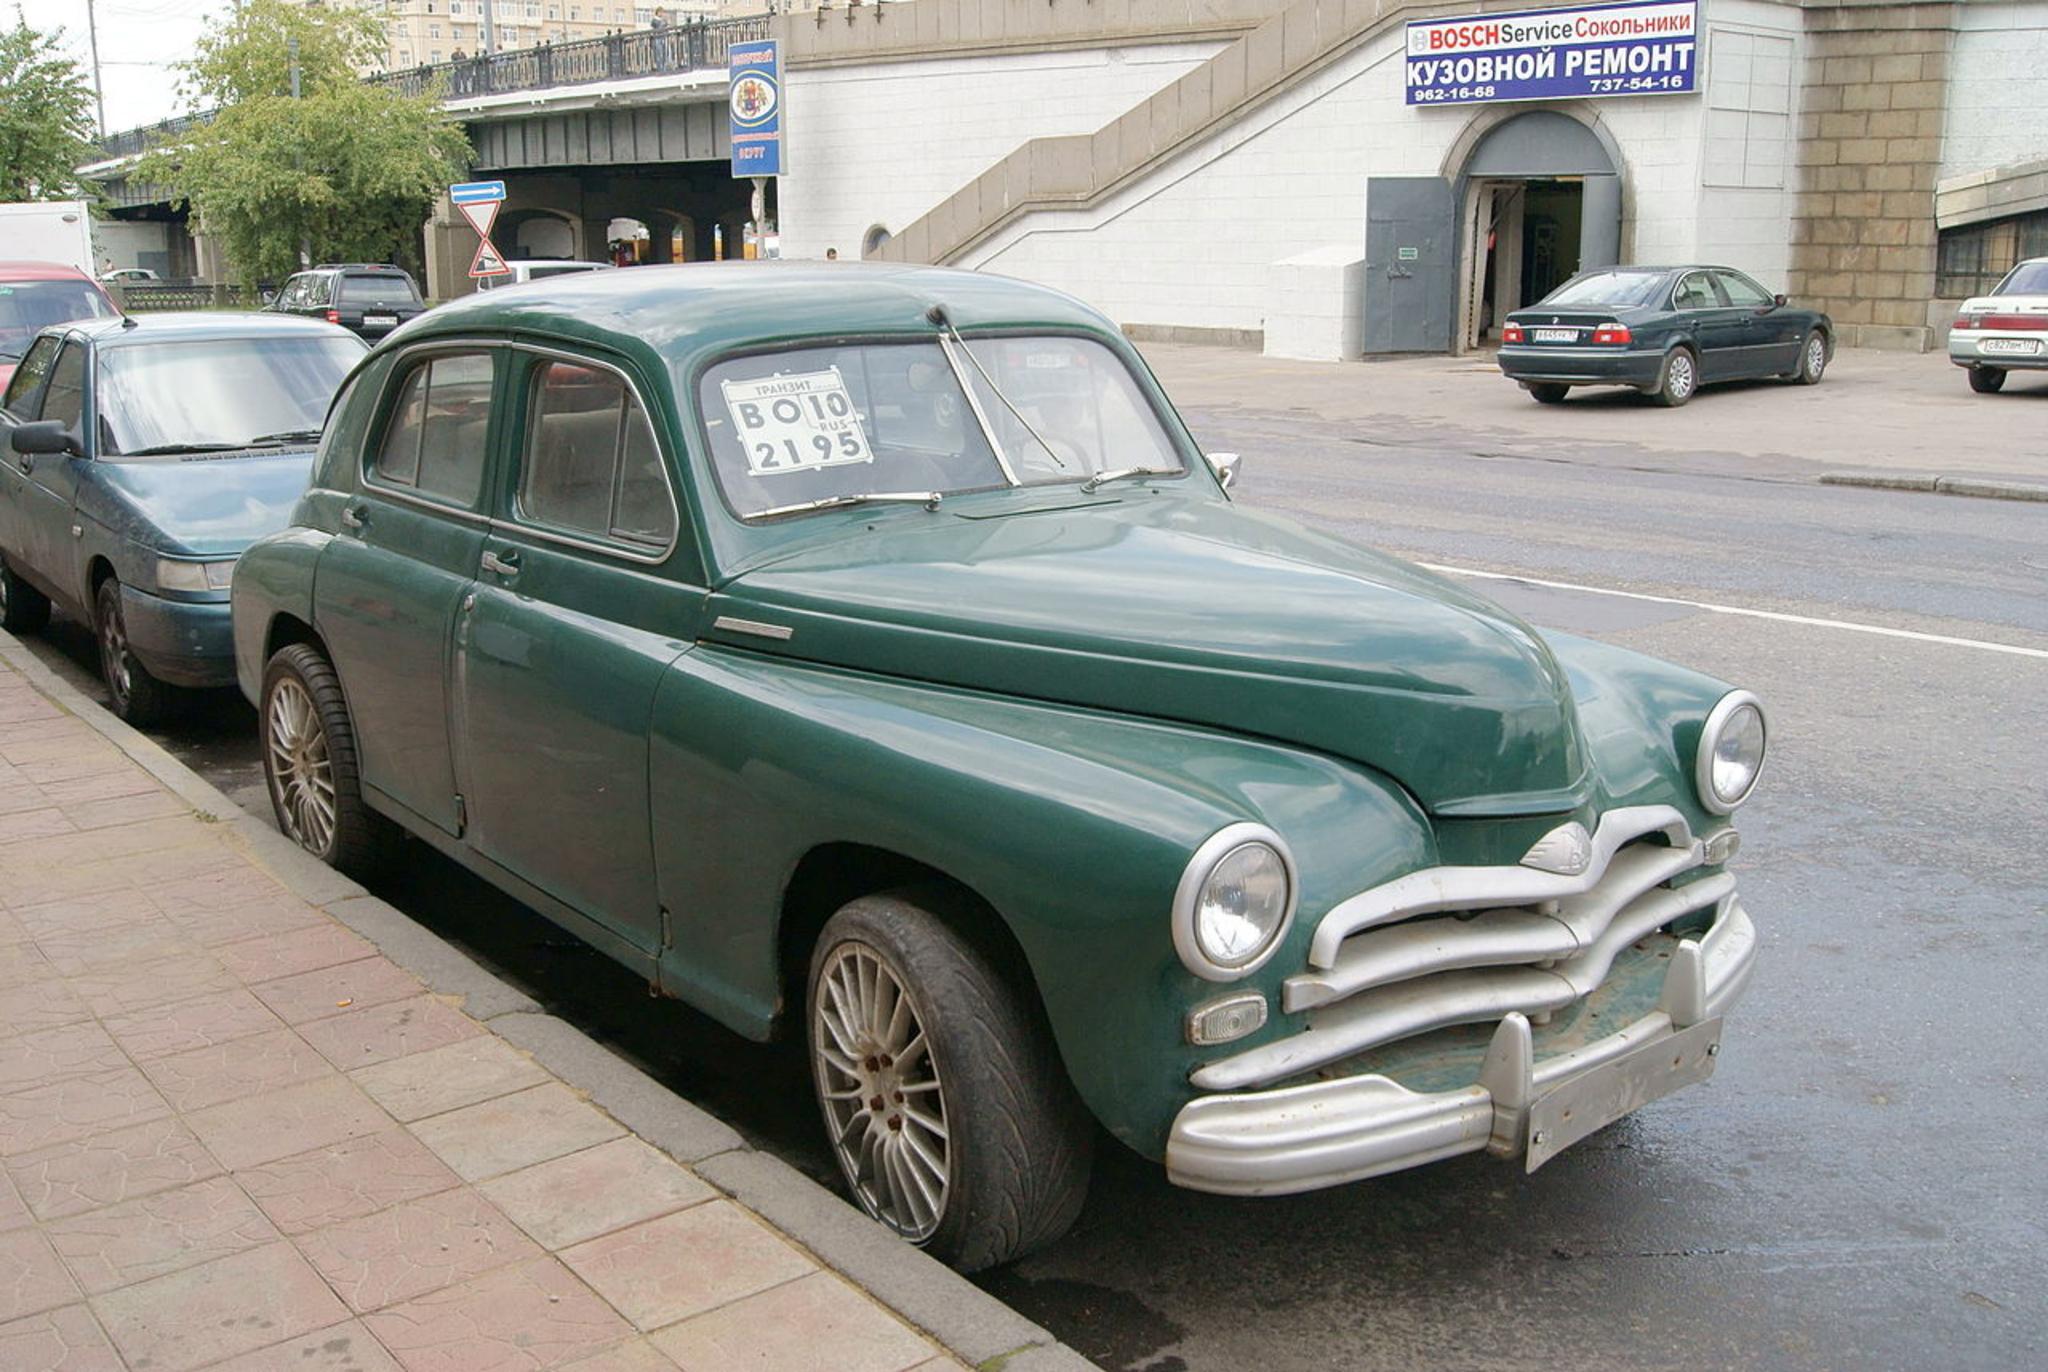 amerikanske veteranbiler til salg